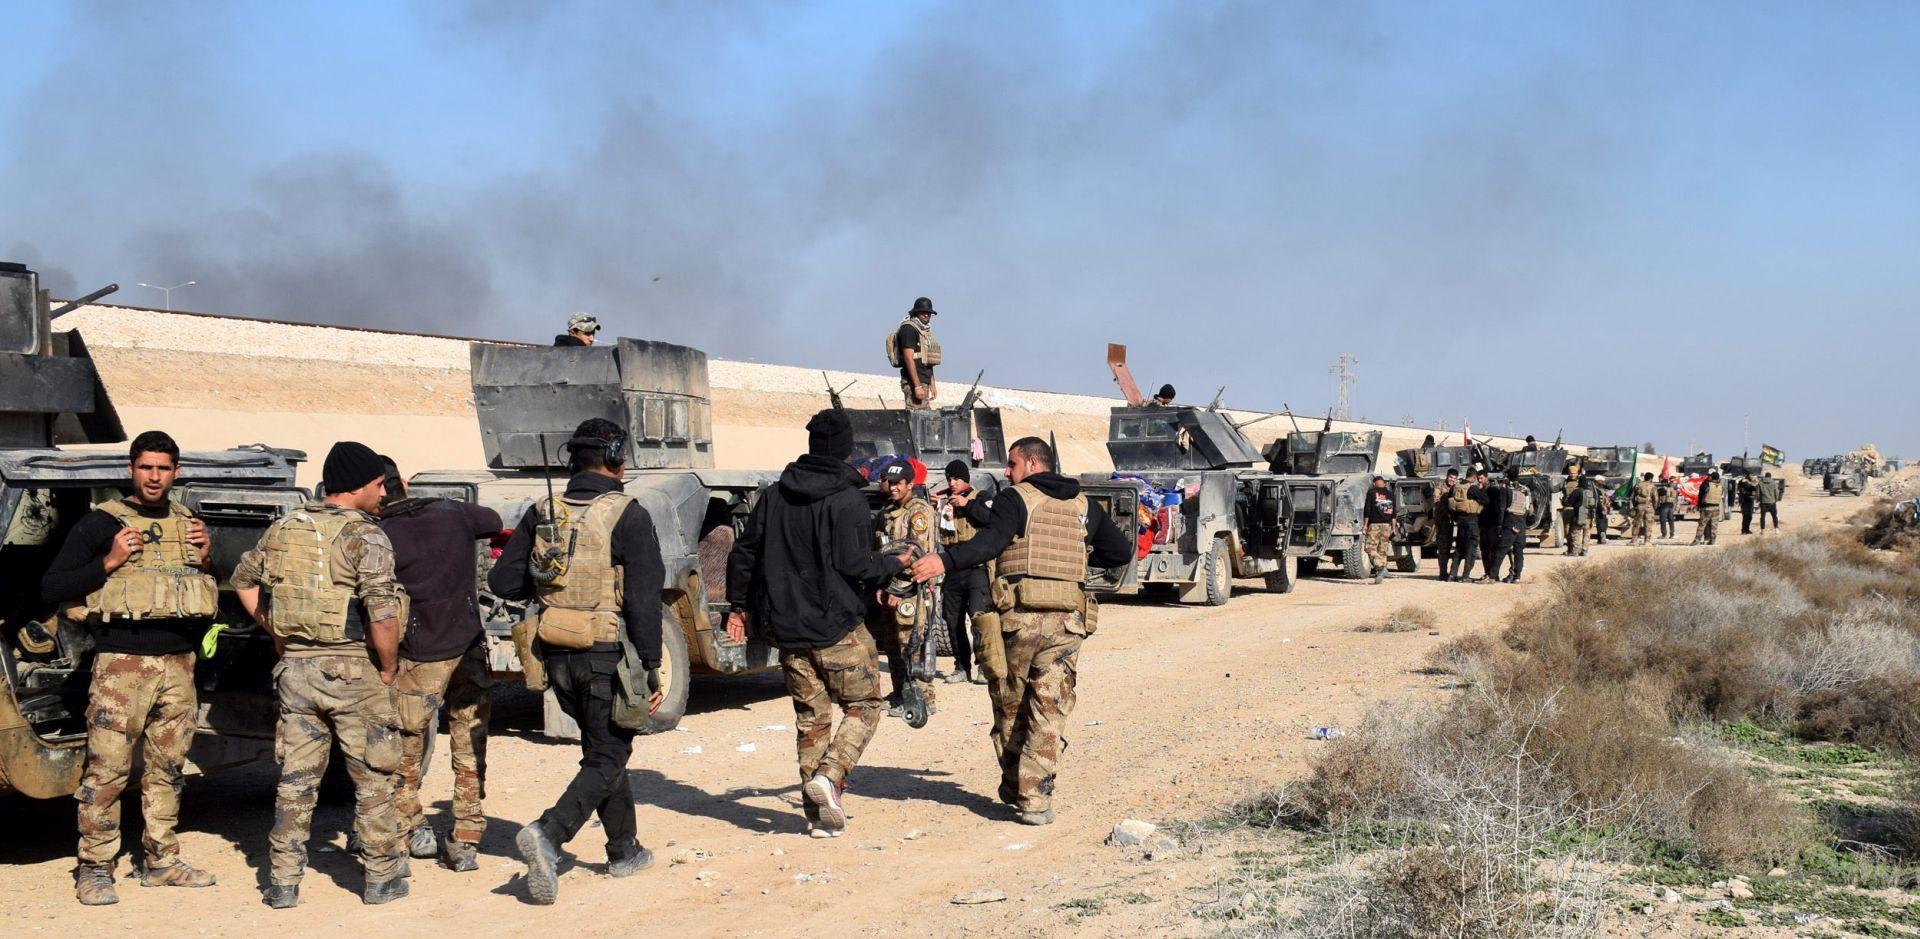 PROTIV ISLAMSKE DRŽAVE: Iračke snage polako stežu obruč oko džihadista u Ramadiju